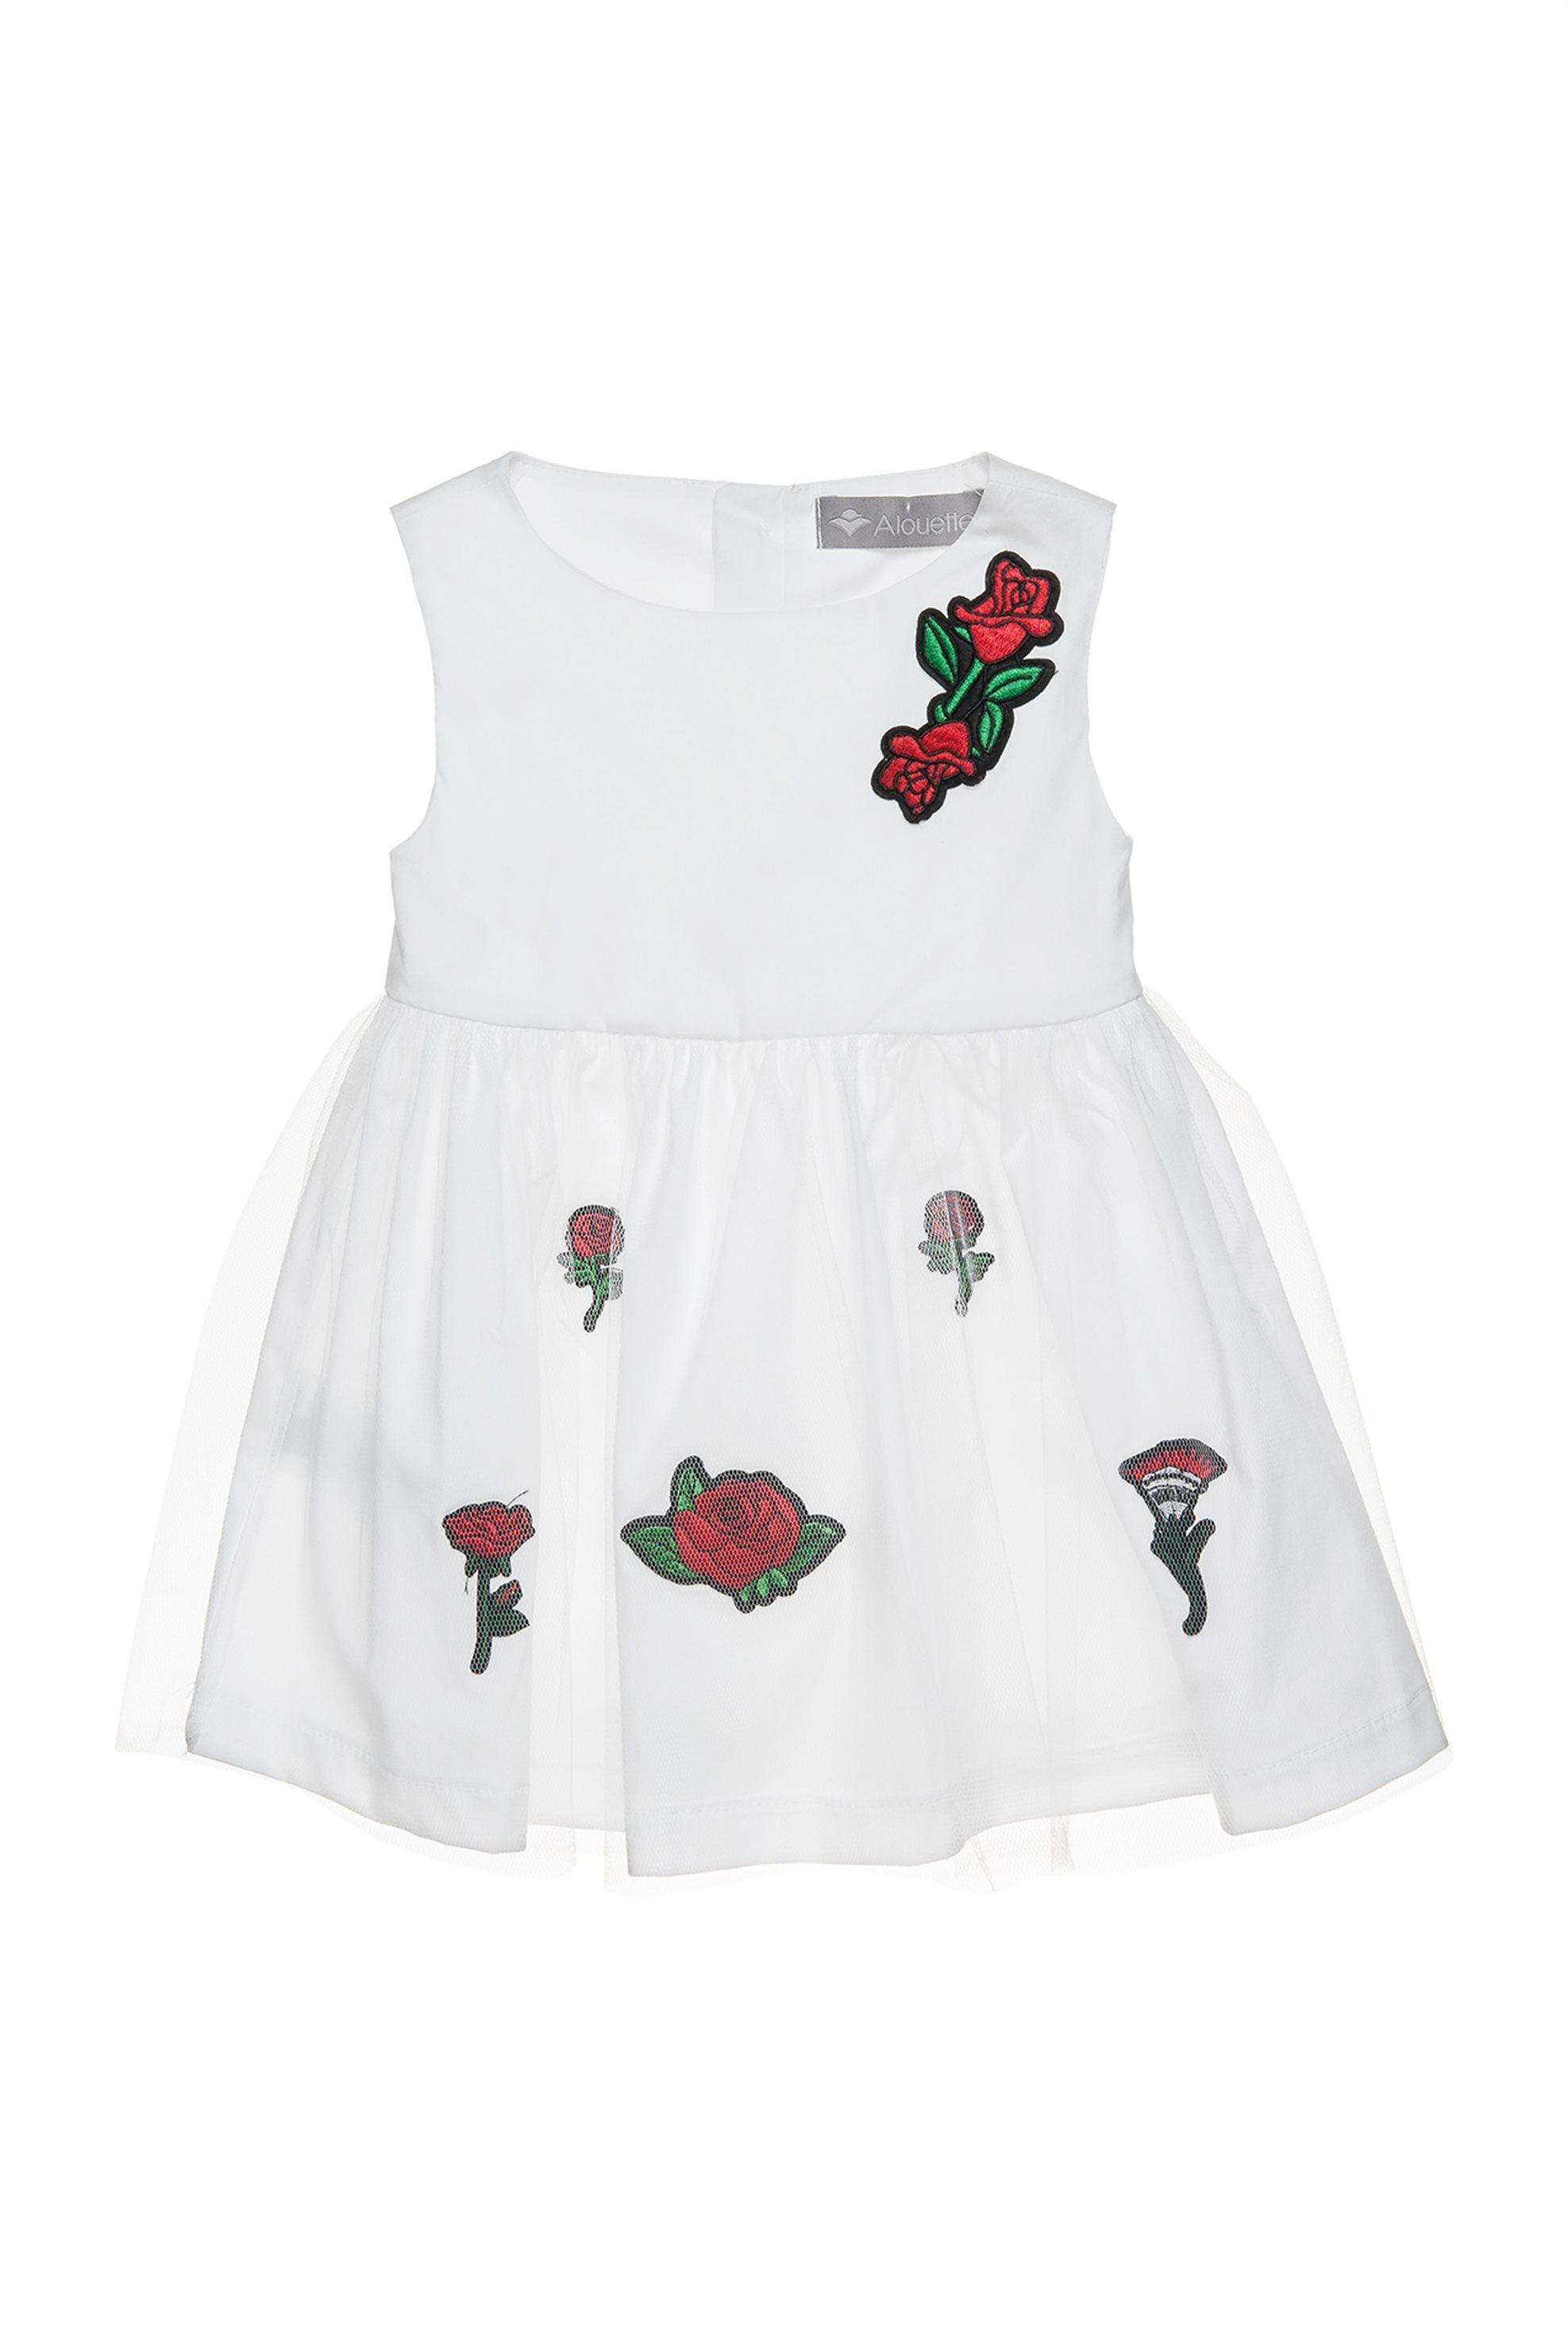 Βρεφικό αμάνικο φόρεμα με floral σχέδιο. - 00241215 - Λευκό παιδι   βρεφικα κοριτσι   0 3 ετων   ρούχα   φορέματα   φούστες